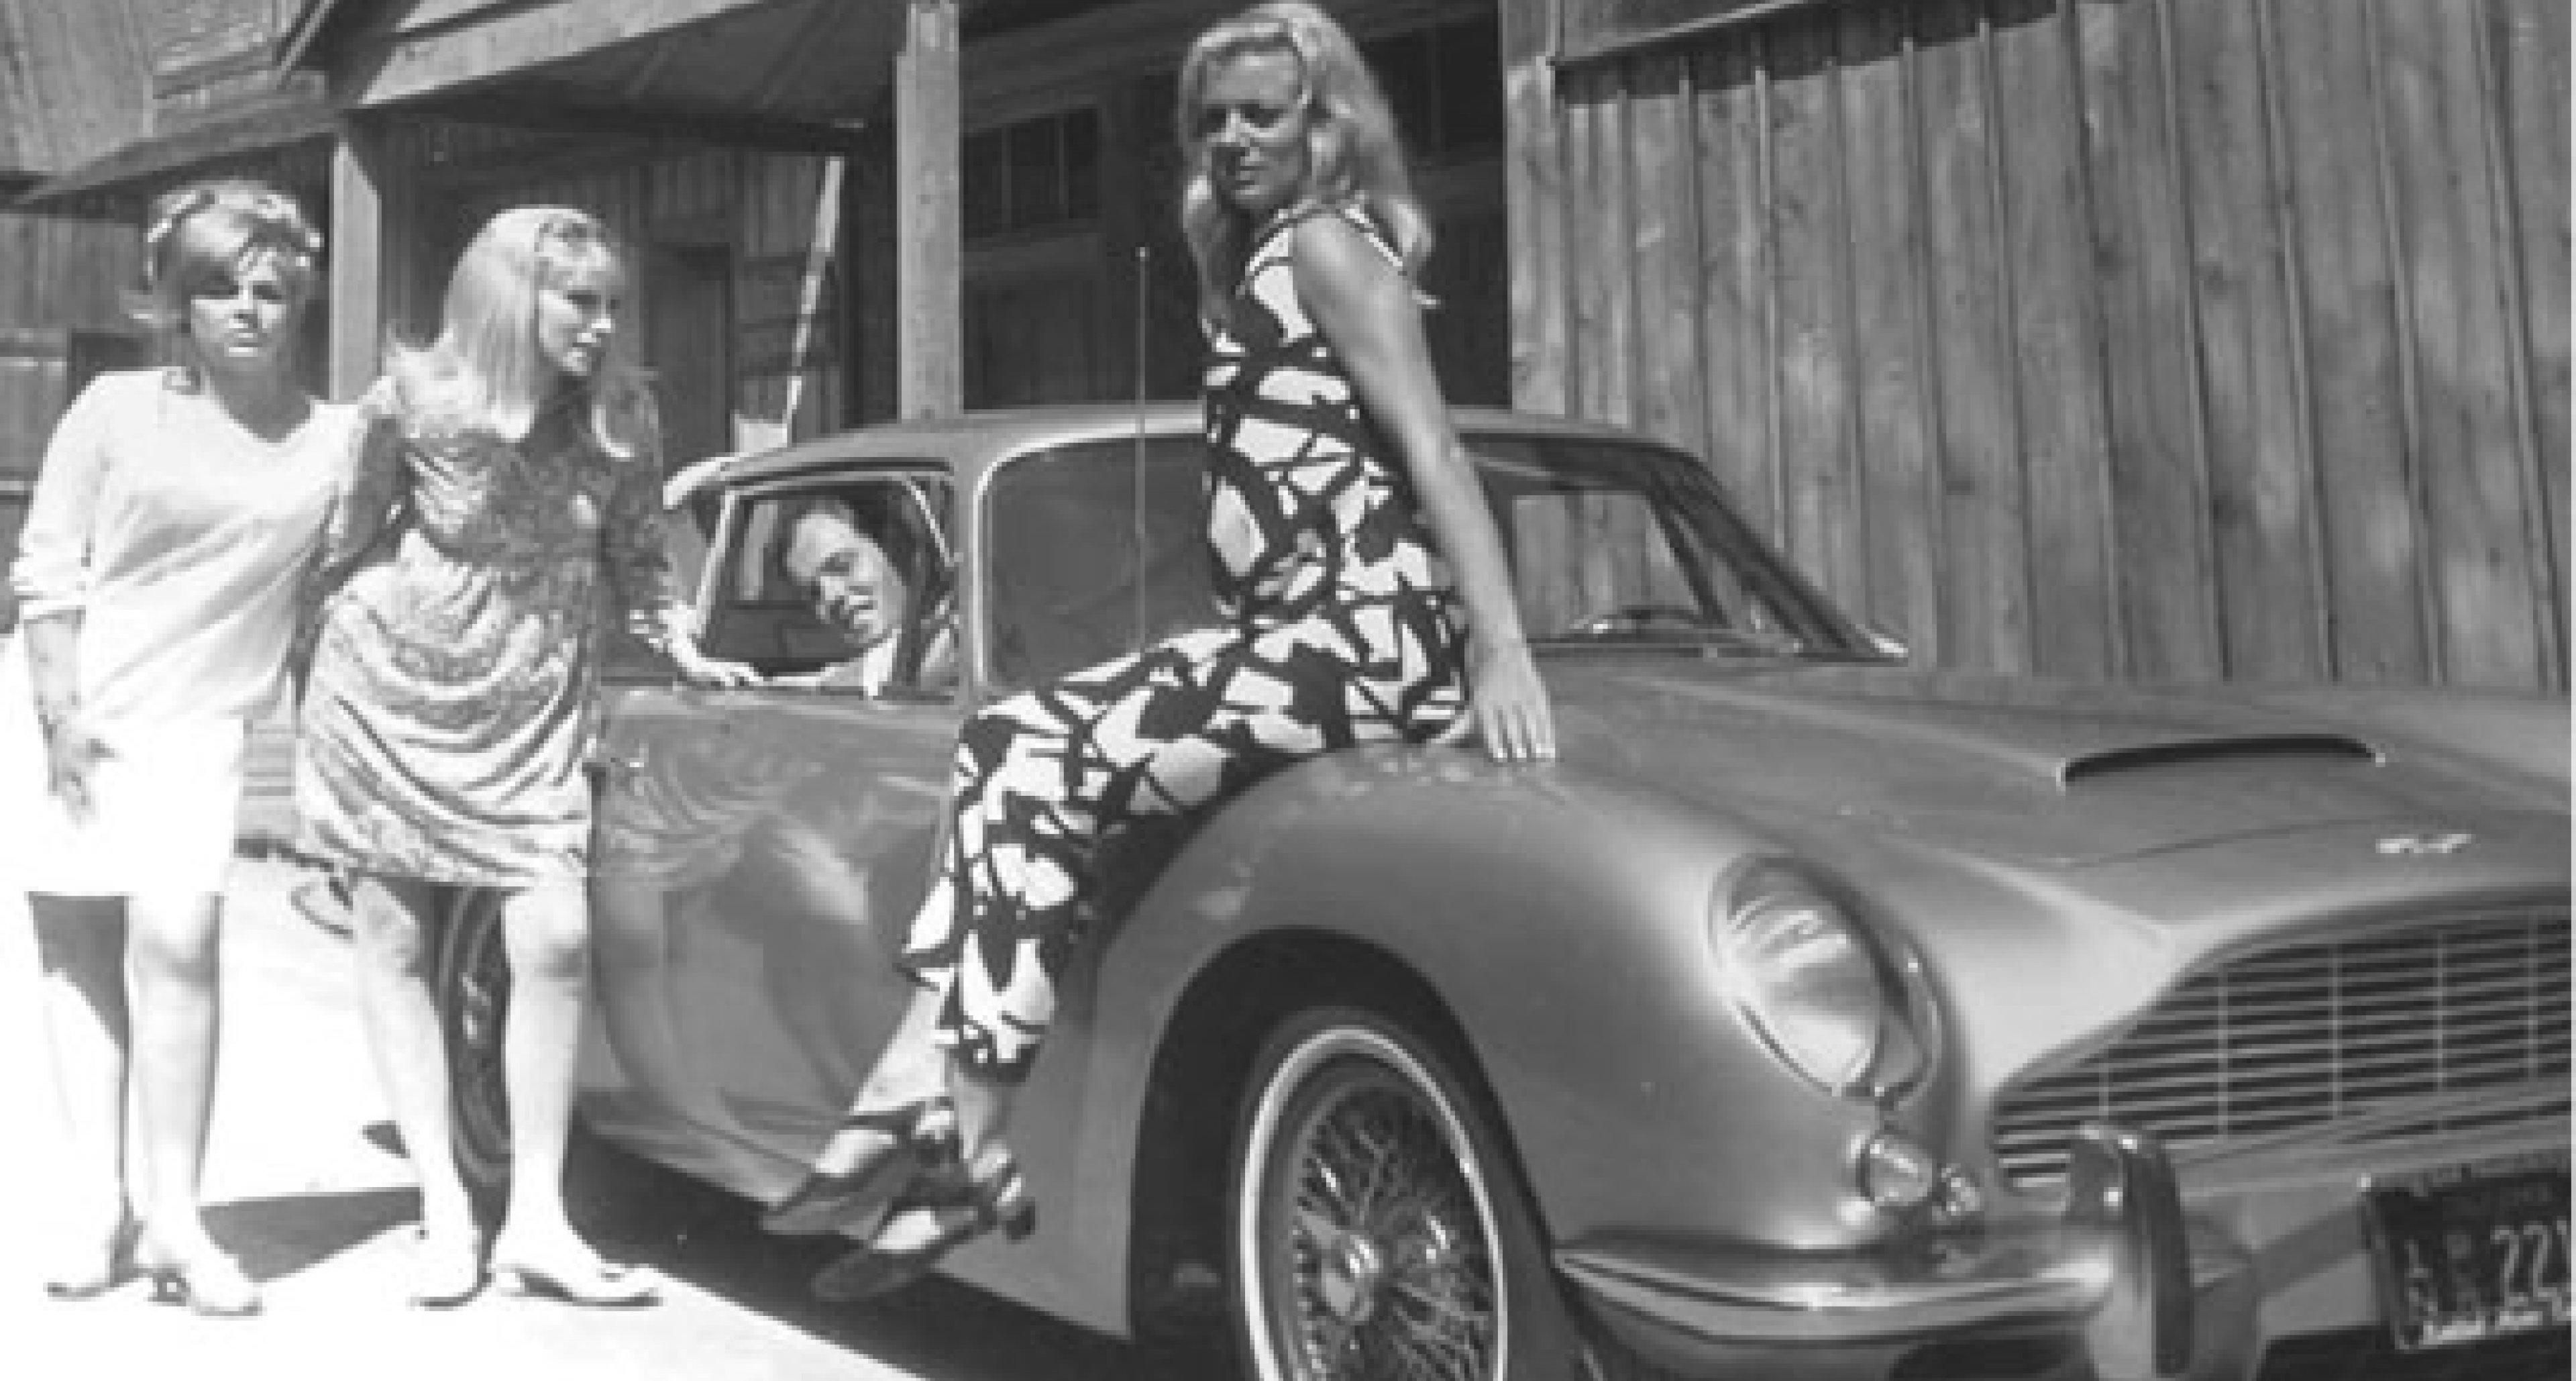 Aston Martin DB5: James Bond Promotion Tour 1964 (1)